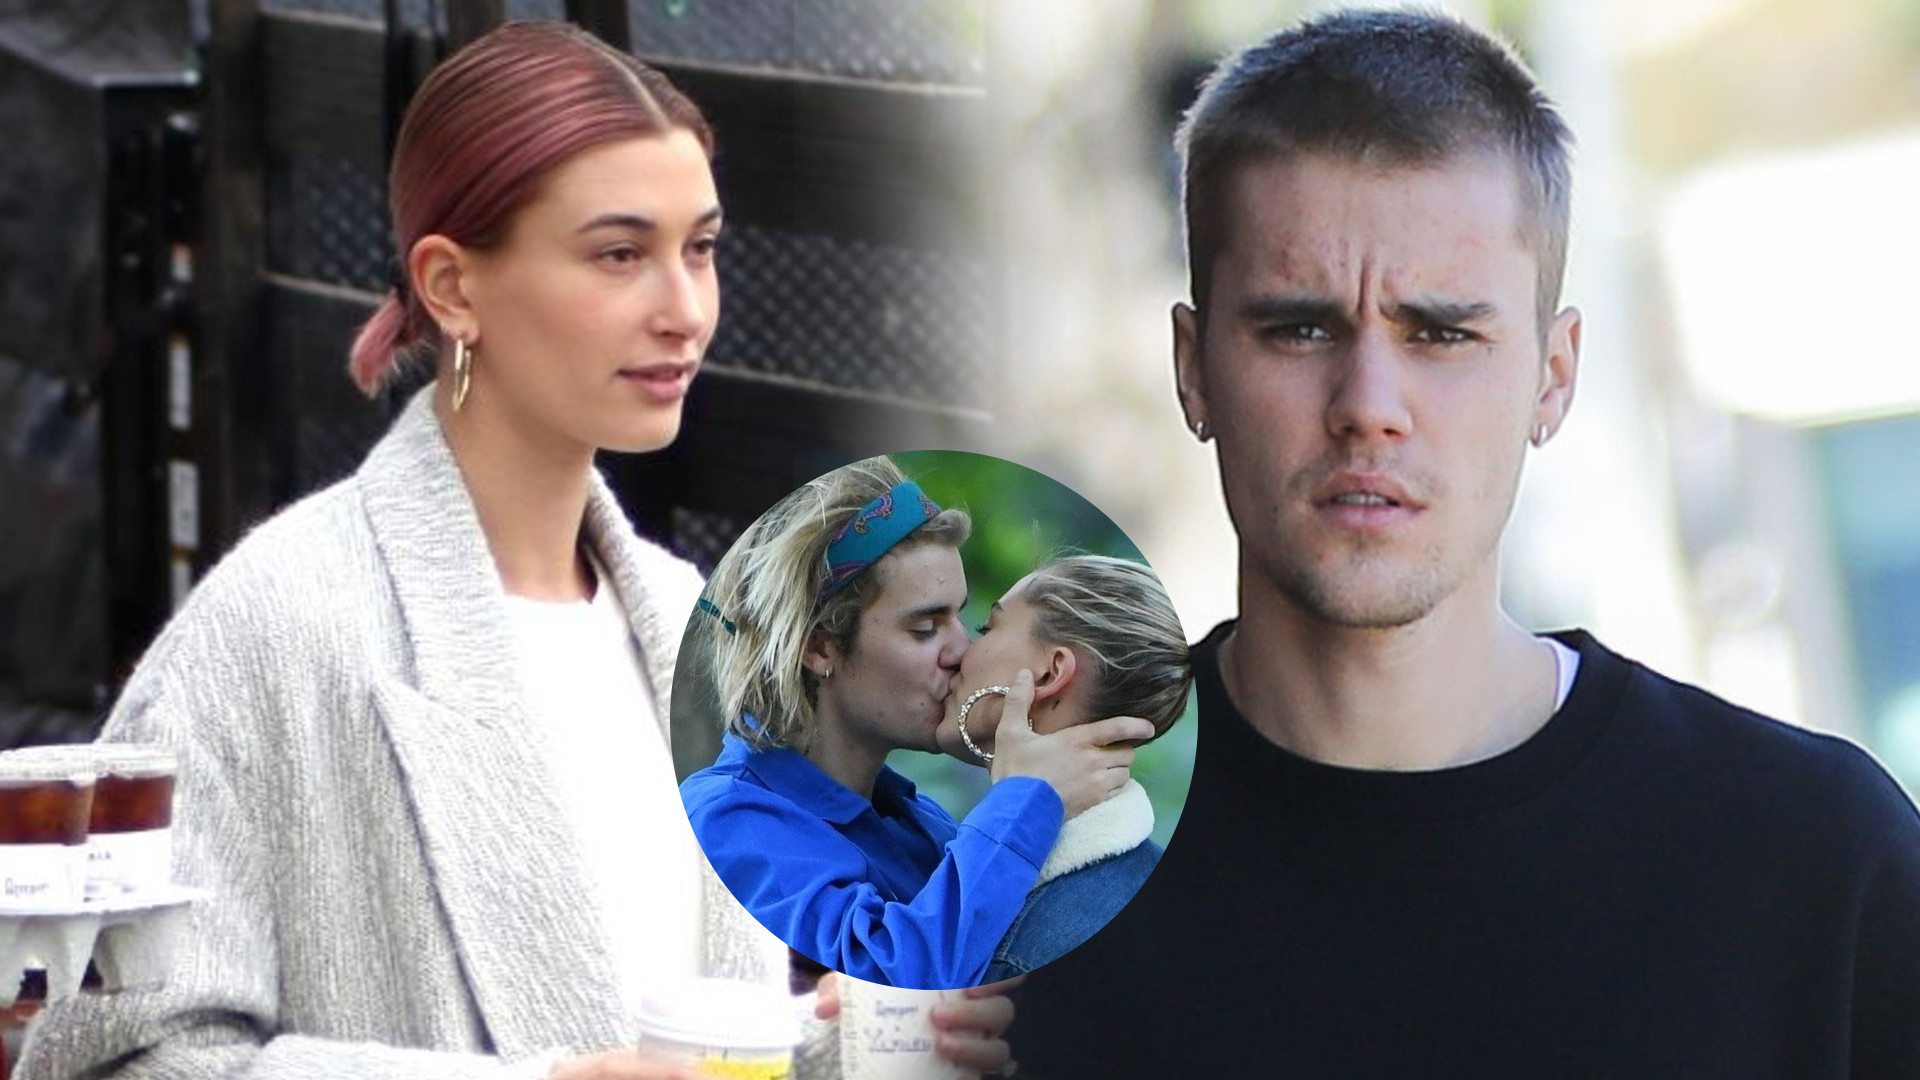 Znamy DATĘ ślubu kościelnego Hailey Baldwin i Justina Biebera